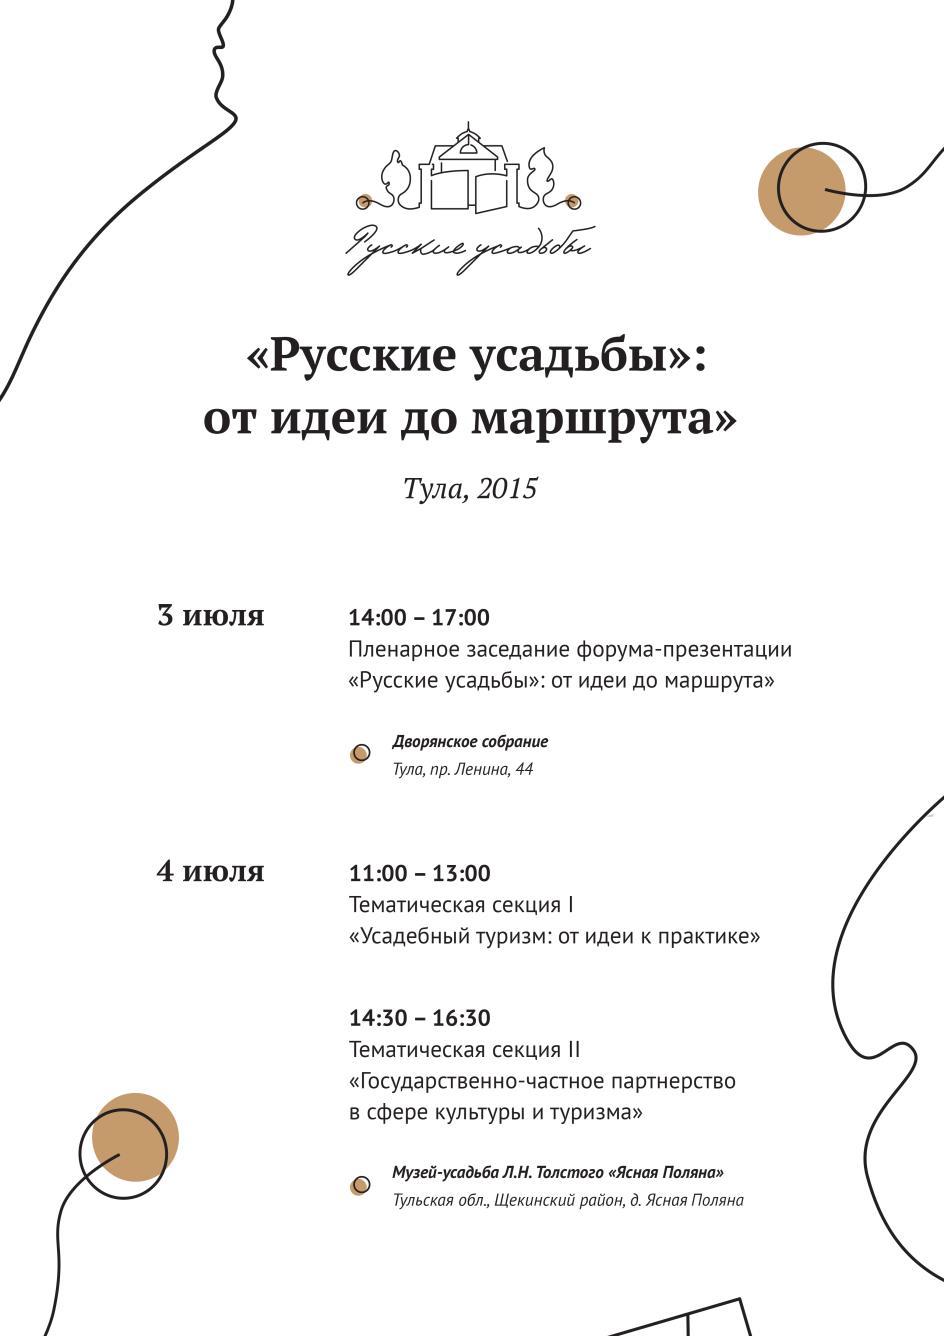 Министерство Культуры РФ создание визуальной концепции проекта «Русские Усадьбы»